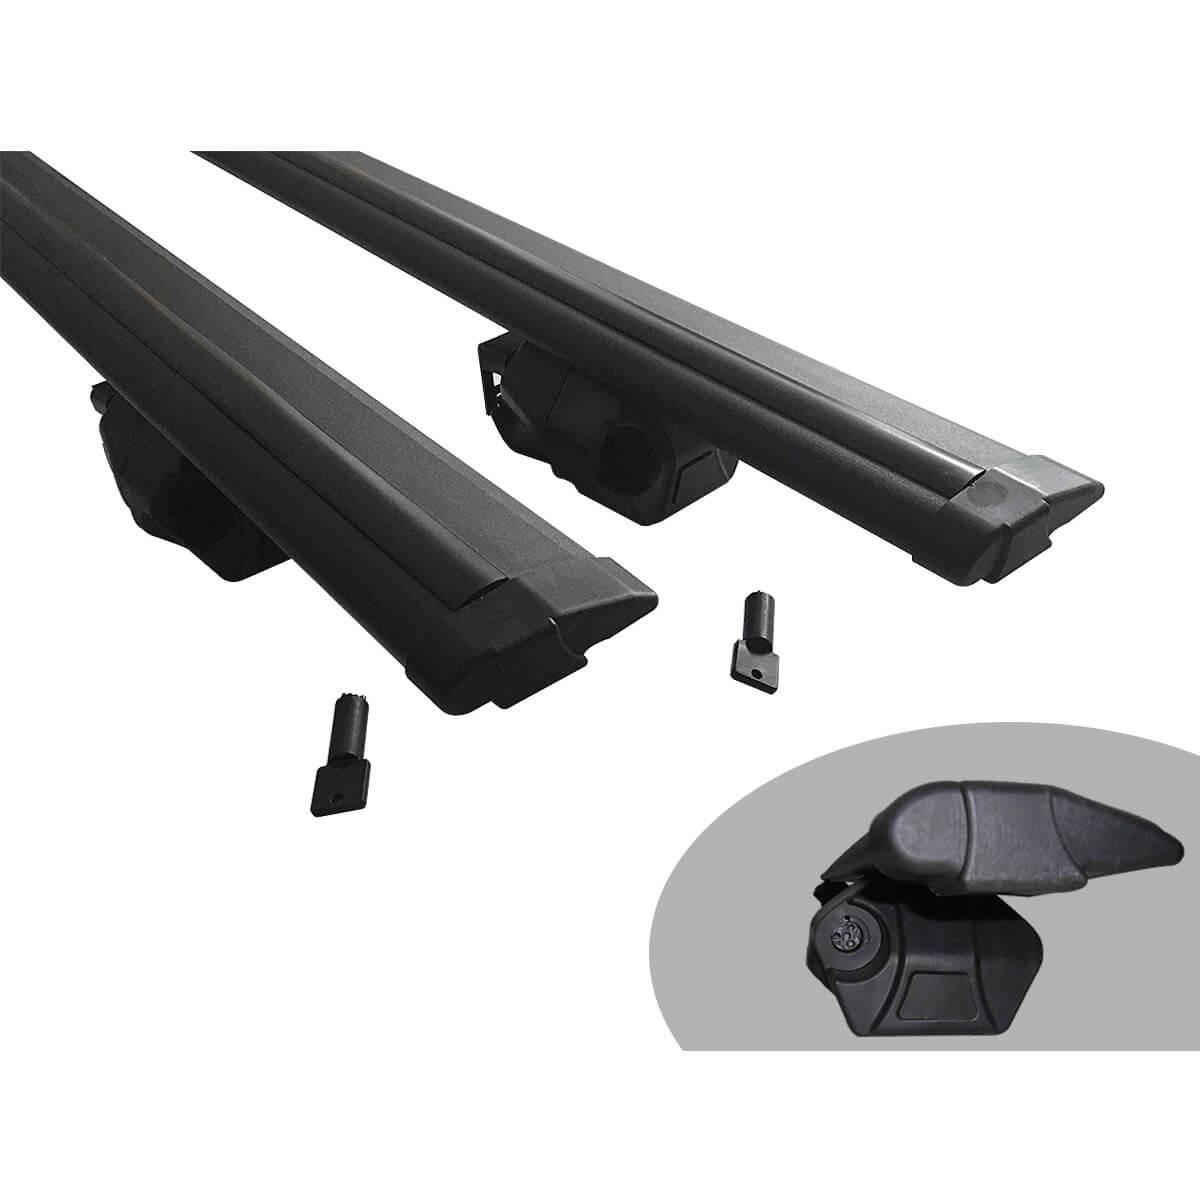 Travessa rack de teto Procargo preta Idea 2006 a 2016 com trava de segurança